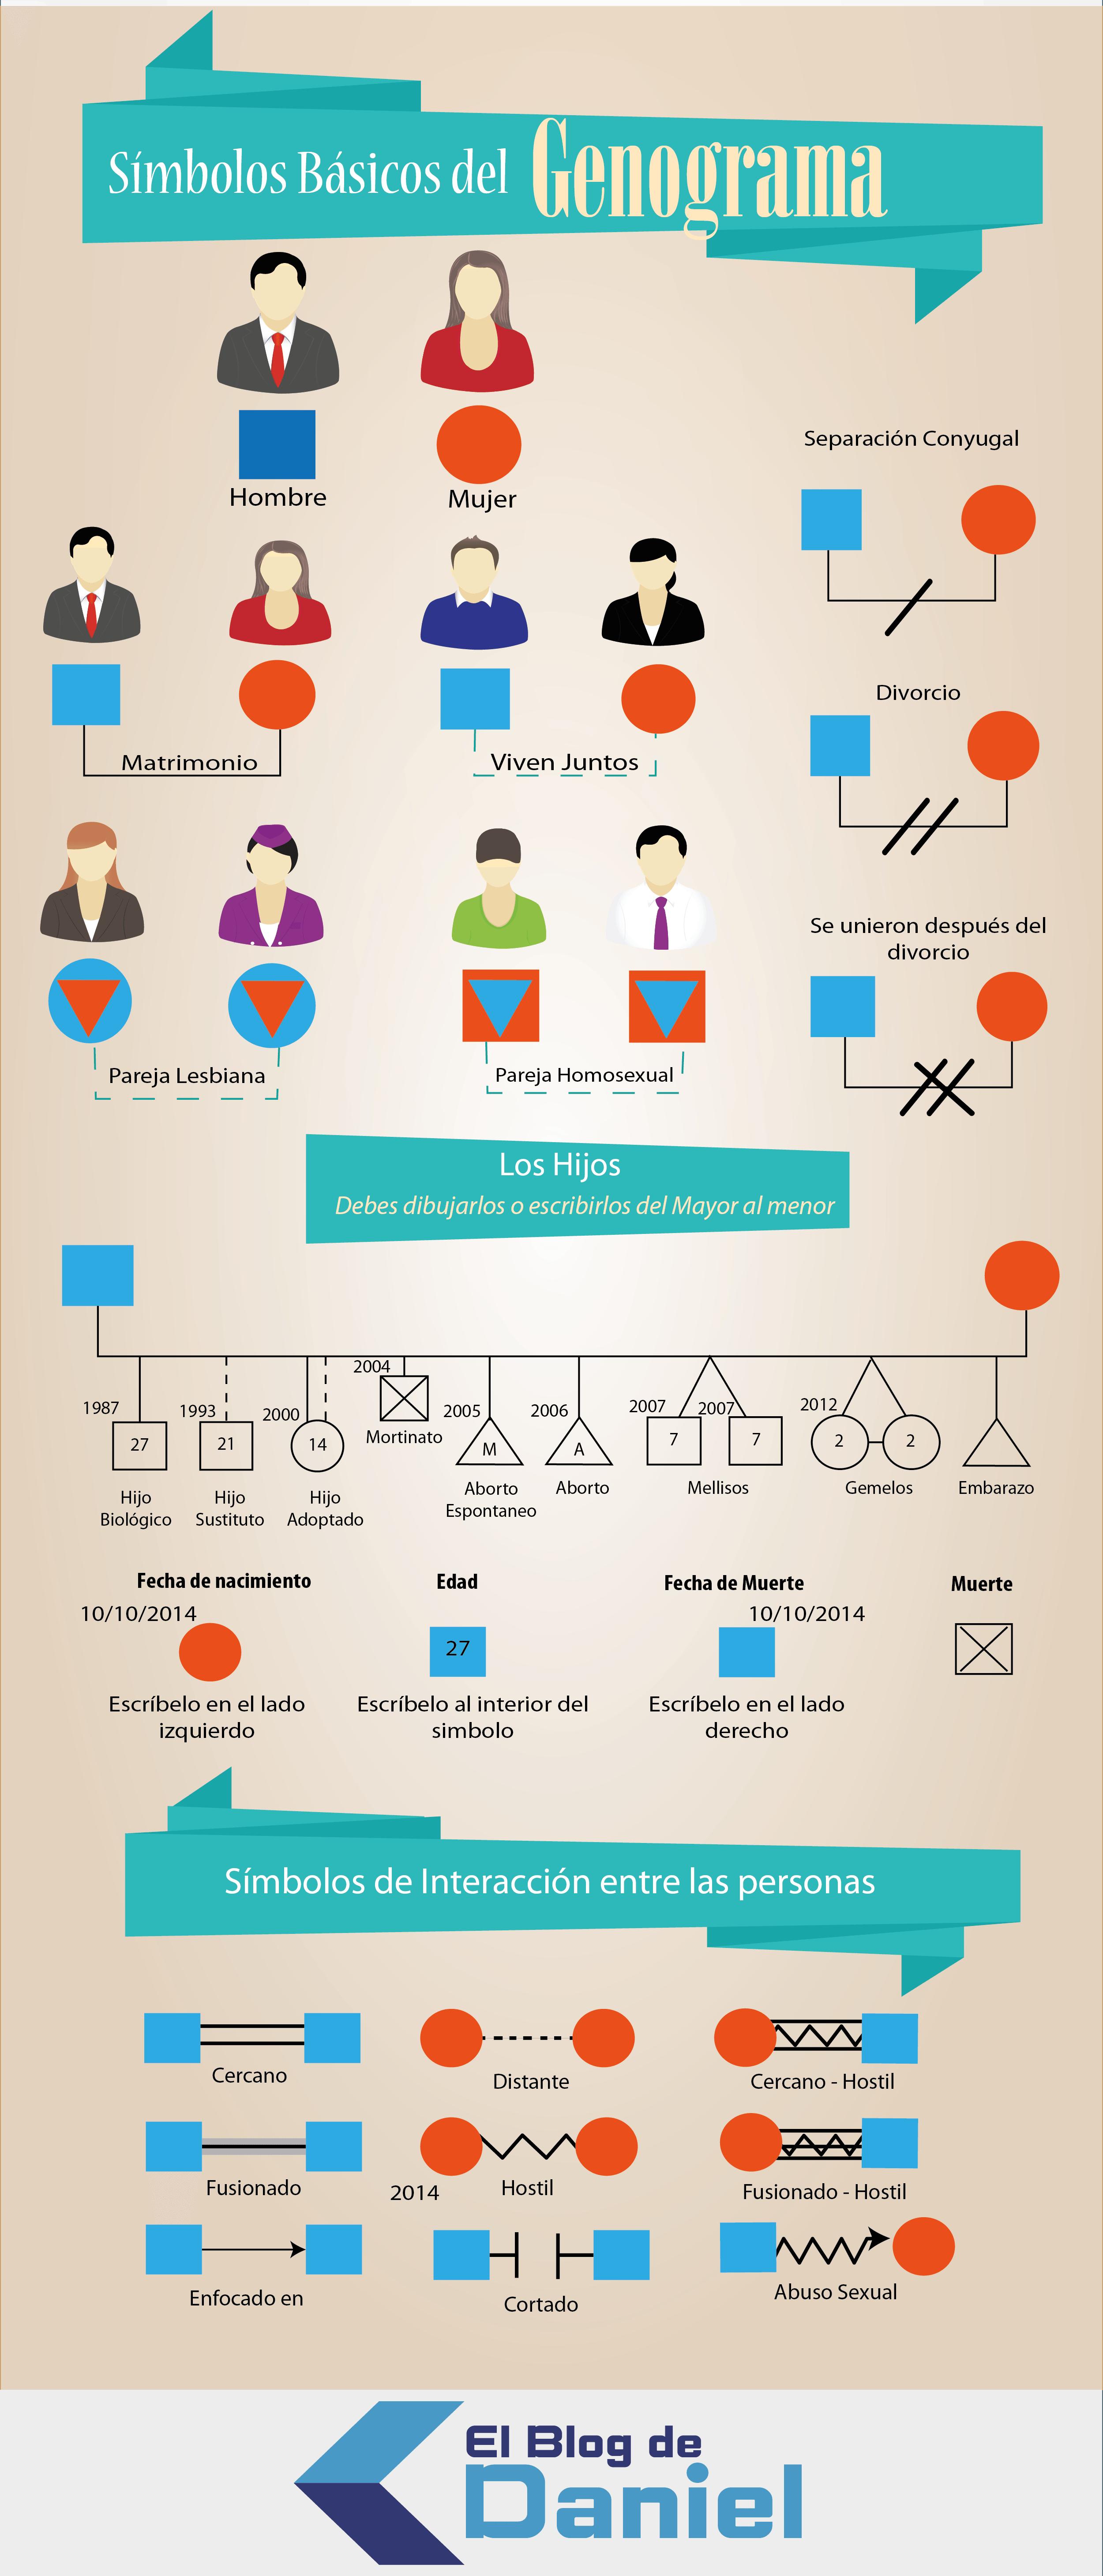 Plantilla - Informe a través a un genograma familiar básico ...